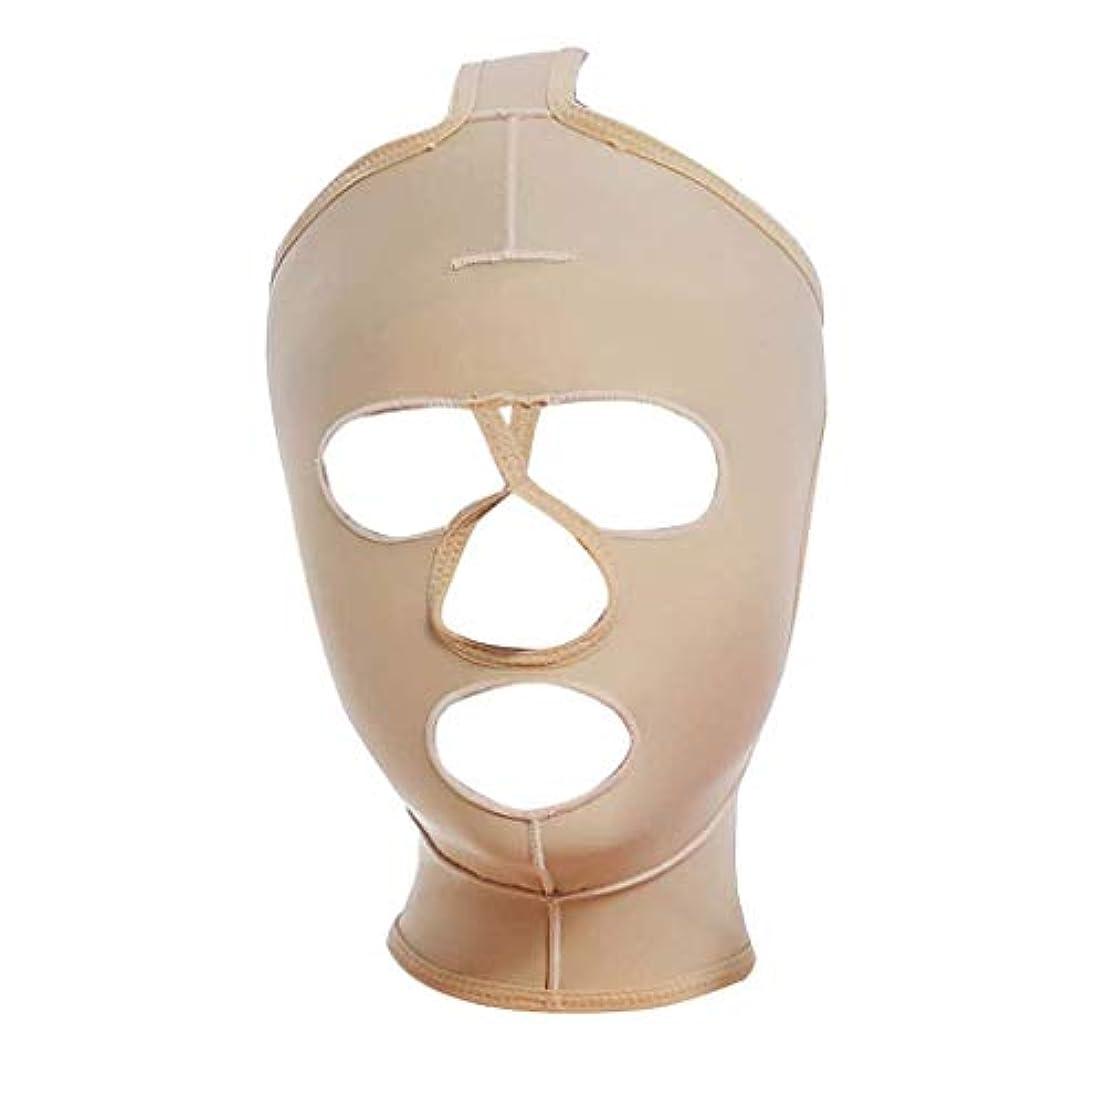 雨リスナー消防士フェイスアンドネックリフト、減量フェイスマスク脂肪吸引術脂肪吸引術シェーピングマスクフードフェイスリフティングアーティファクトVフェイスビームフェイス弾性スリーブ(サイズ:S)